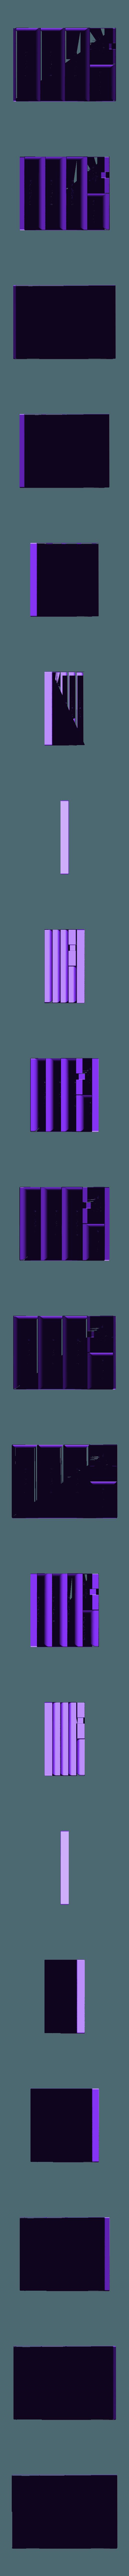 Puerto Rico Tile Tray.STL Télécharger fichier STL gratuit Puerto Rico - encart et organisateur de jeux de société • Plan à imprimer en 3D, danielbeaver